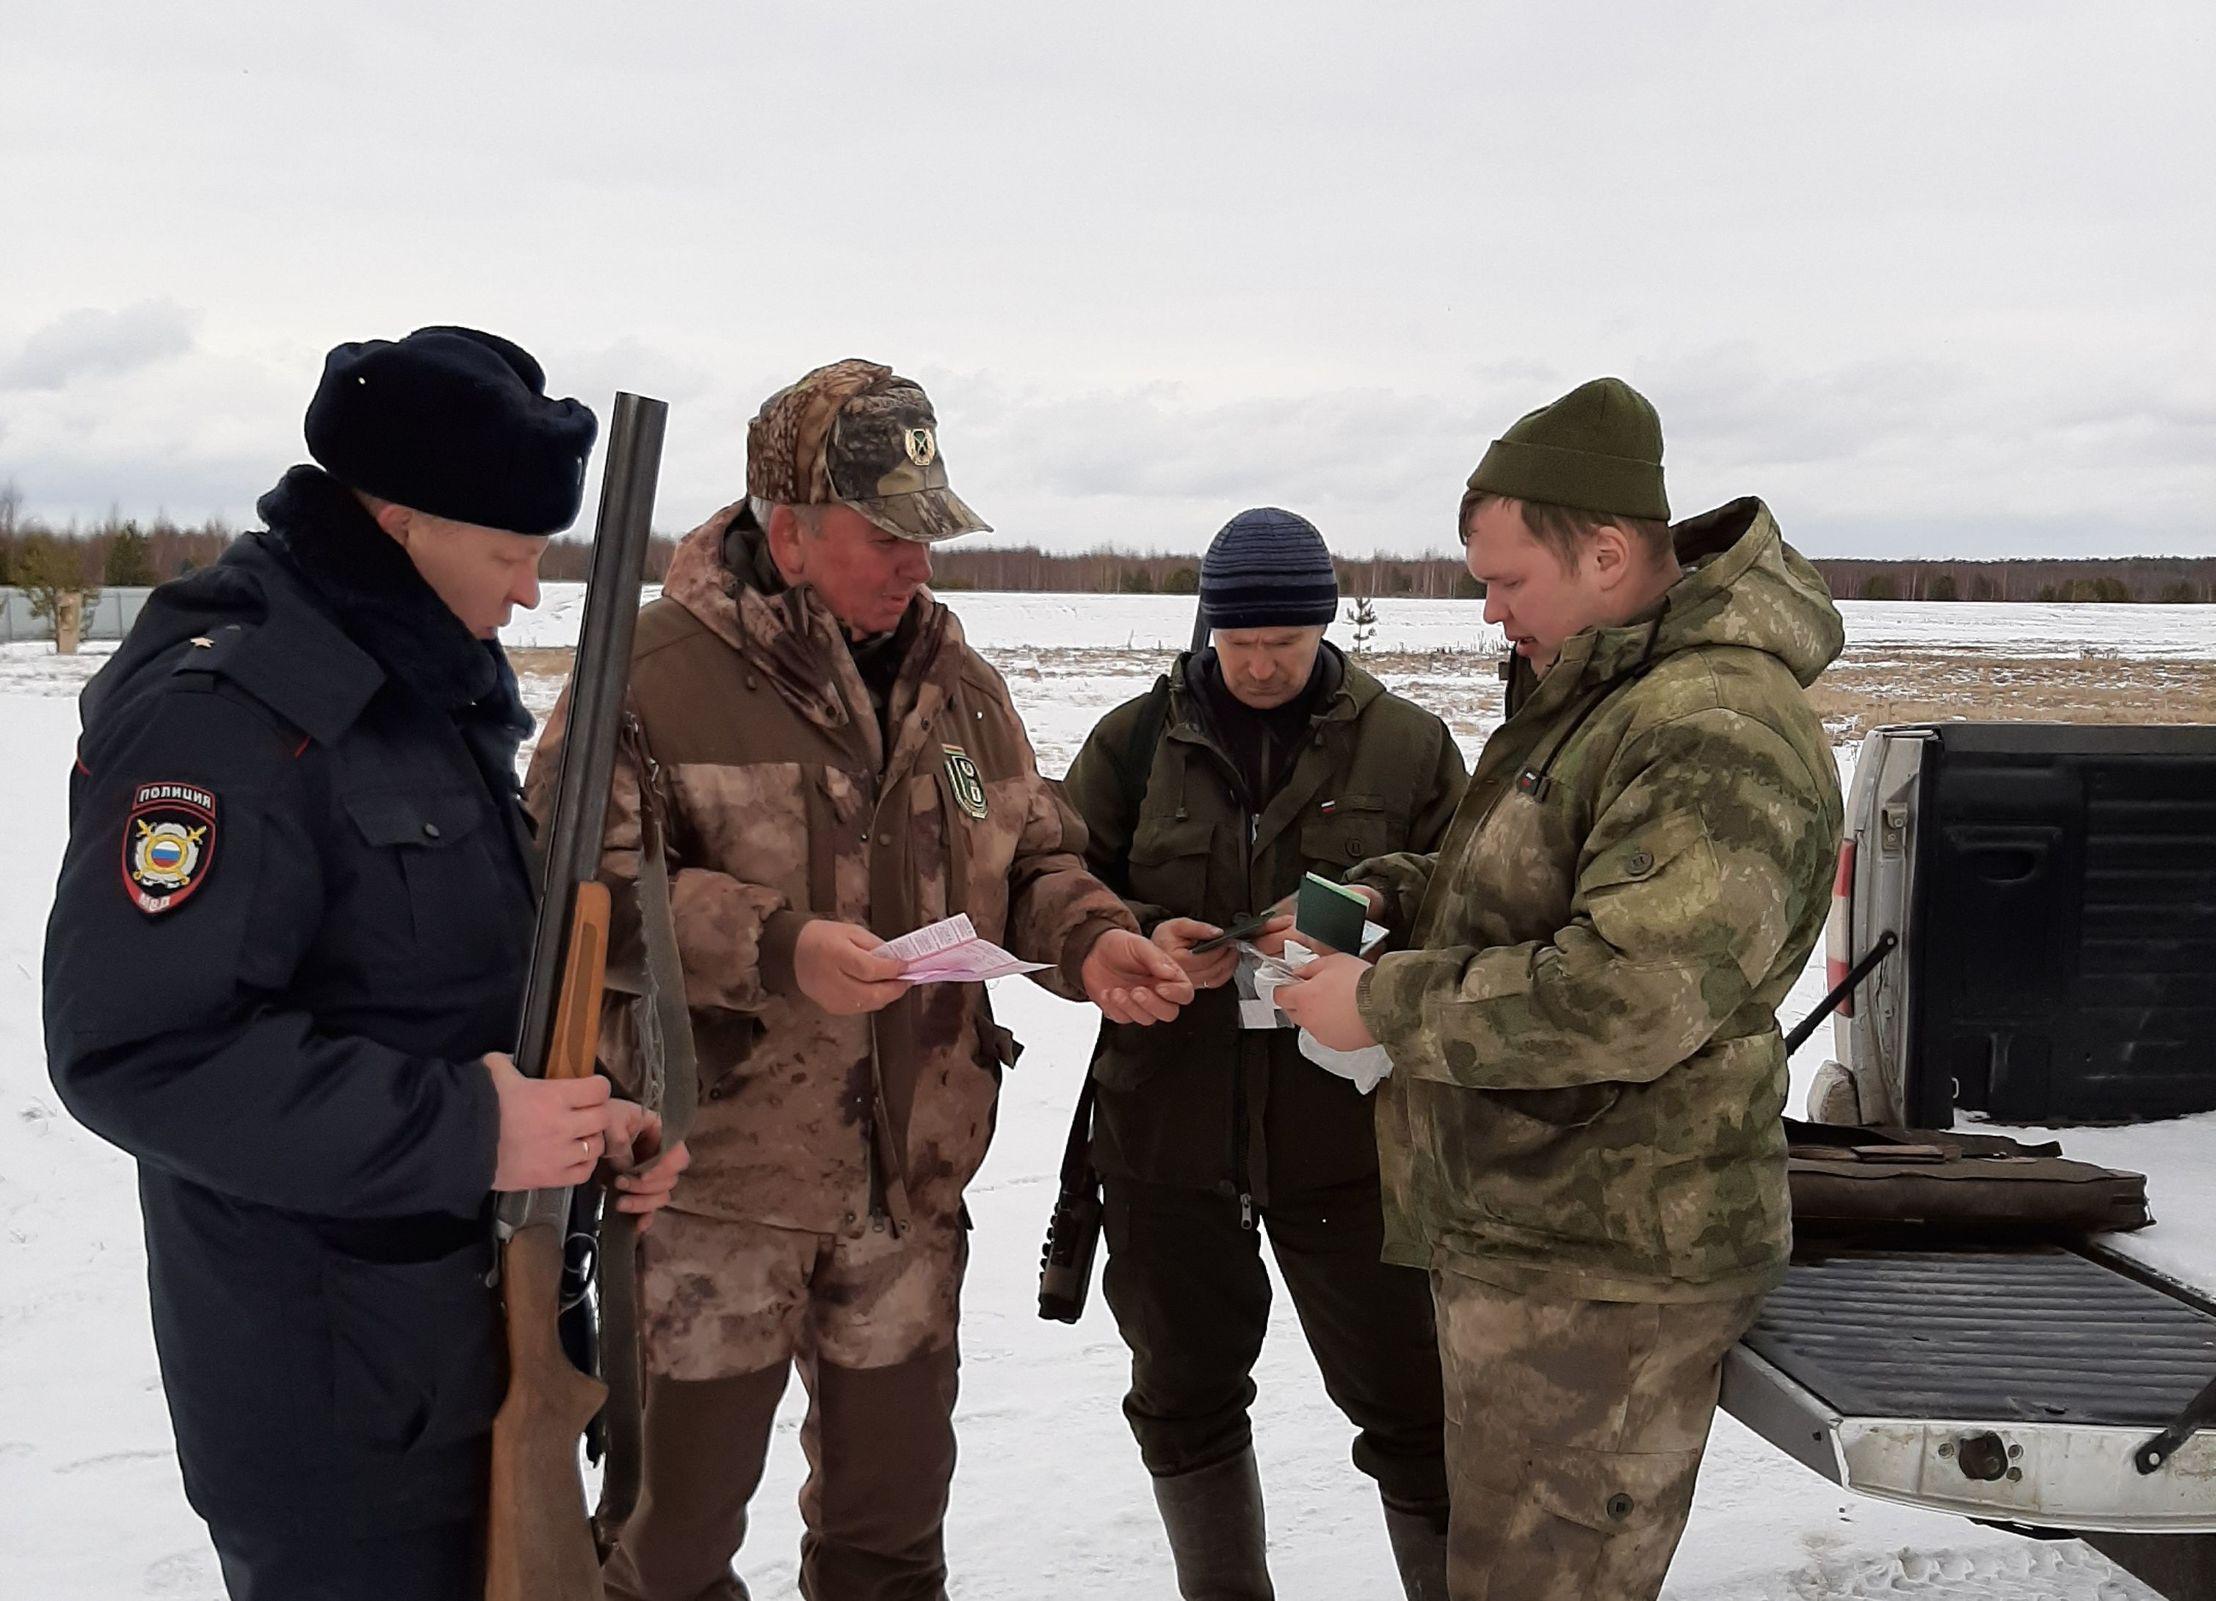 Контроль за охотугодьями Ярославского региона усилен за счет антибраконьерских групп